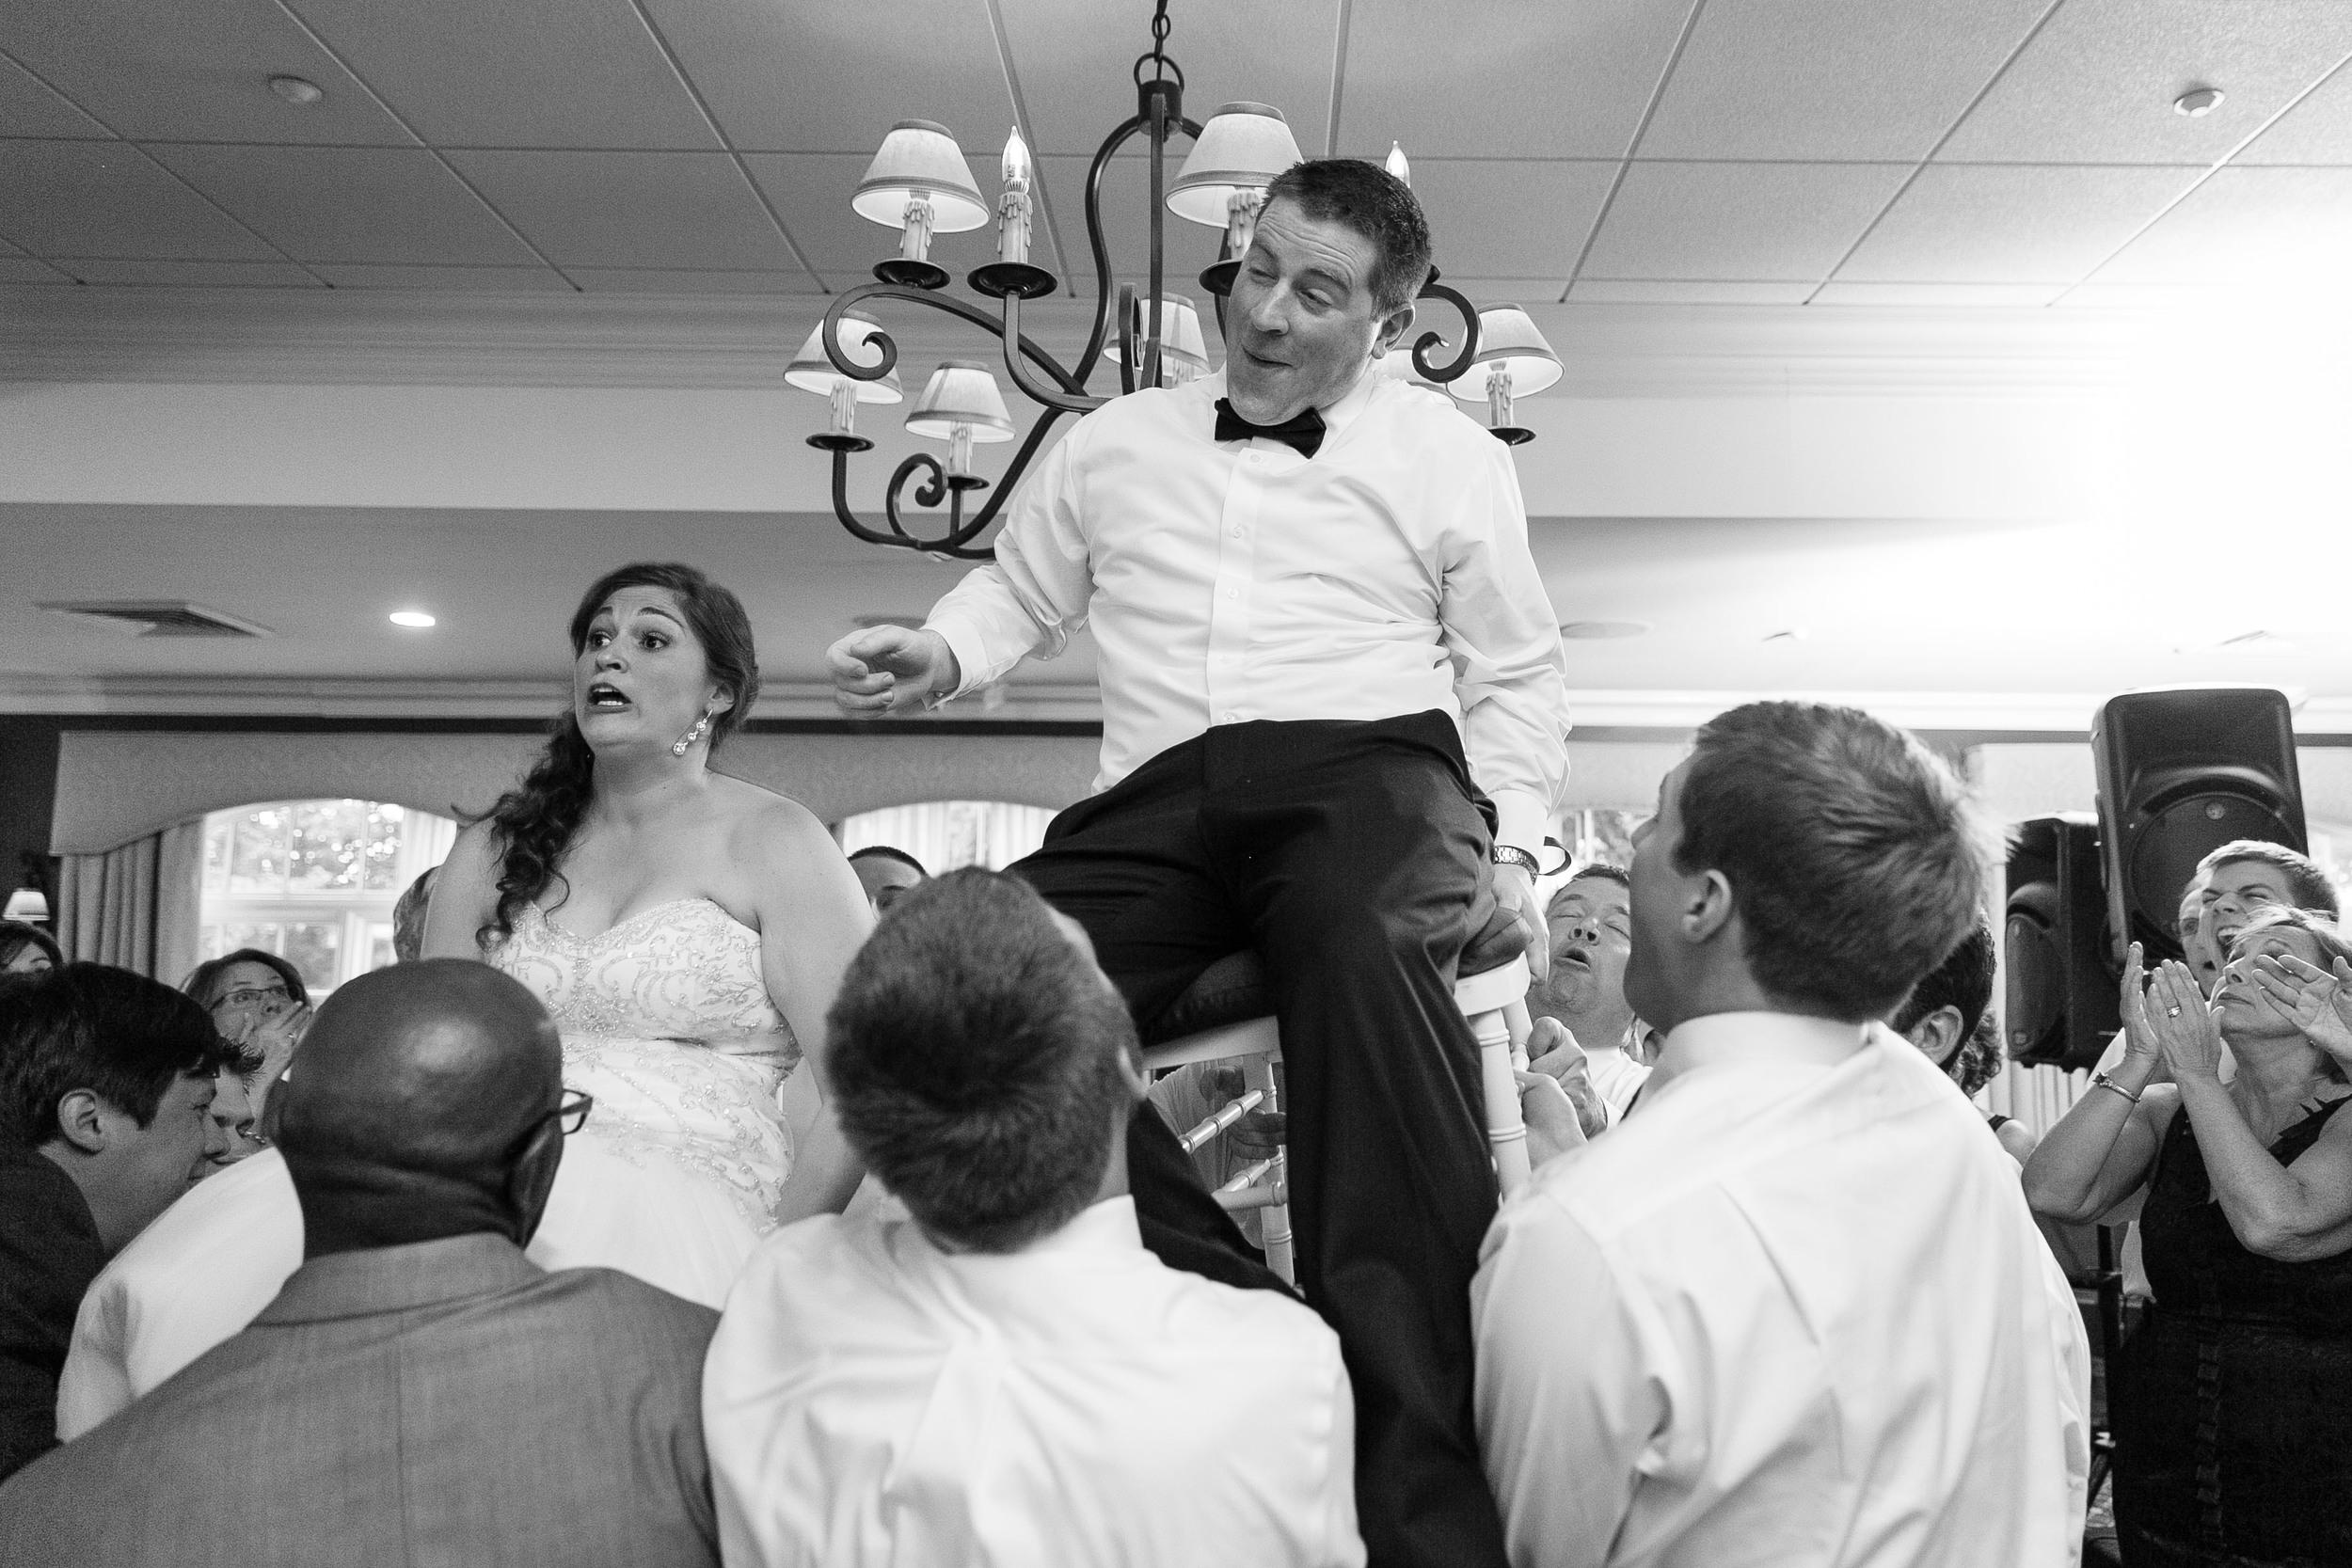 Luxury-Jewish-Wedding-Salem-New-York-Country-Club-Photojournalistic-Wedding-Photography-by-Jacek-Dolata.jpg